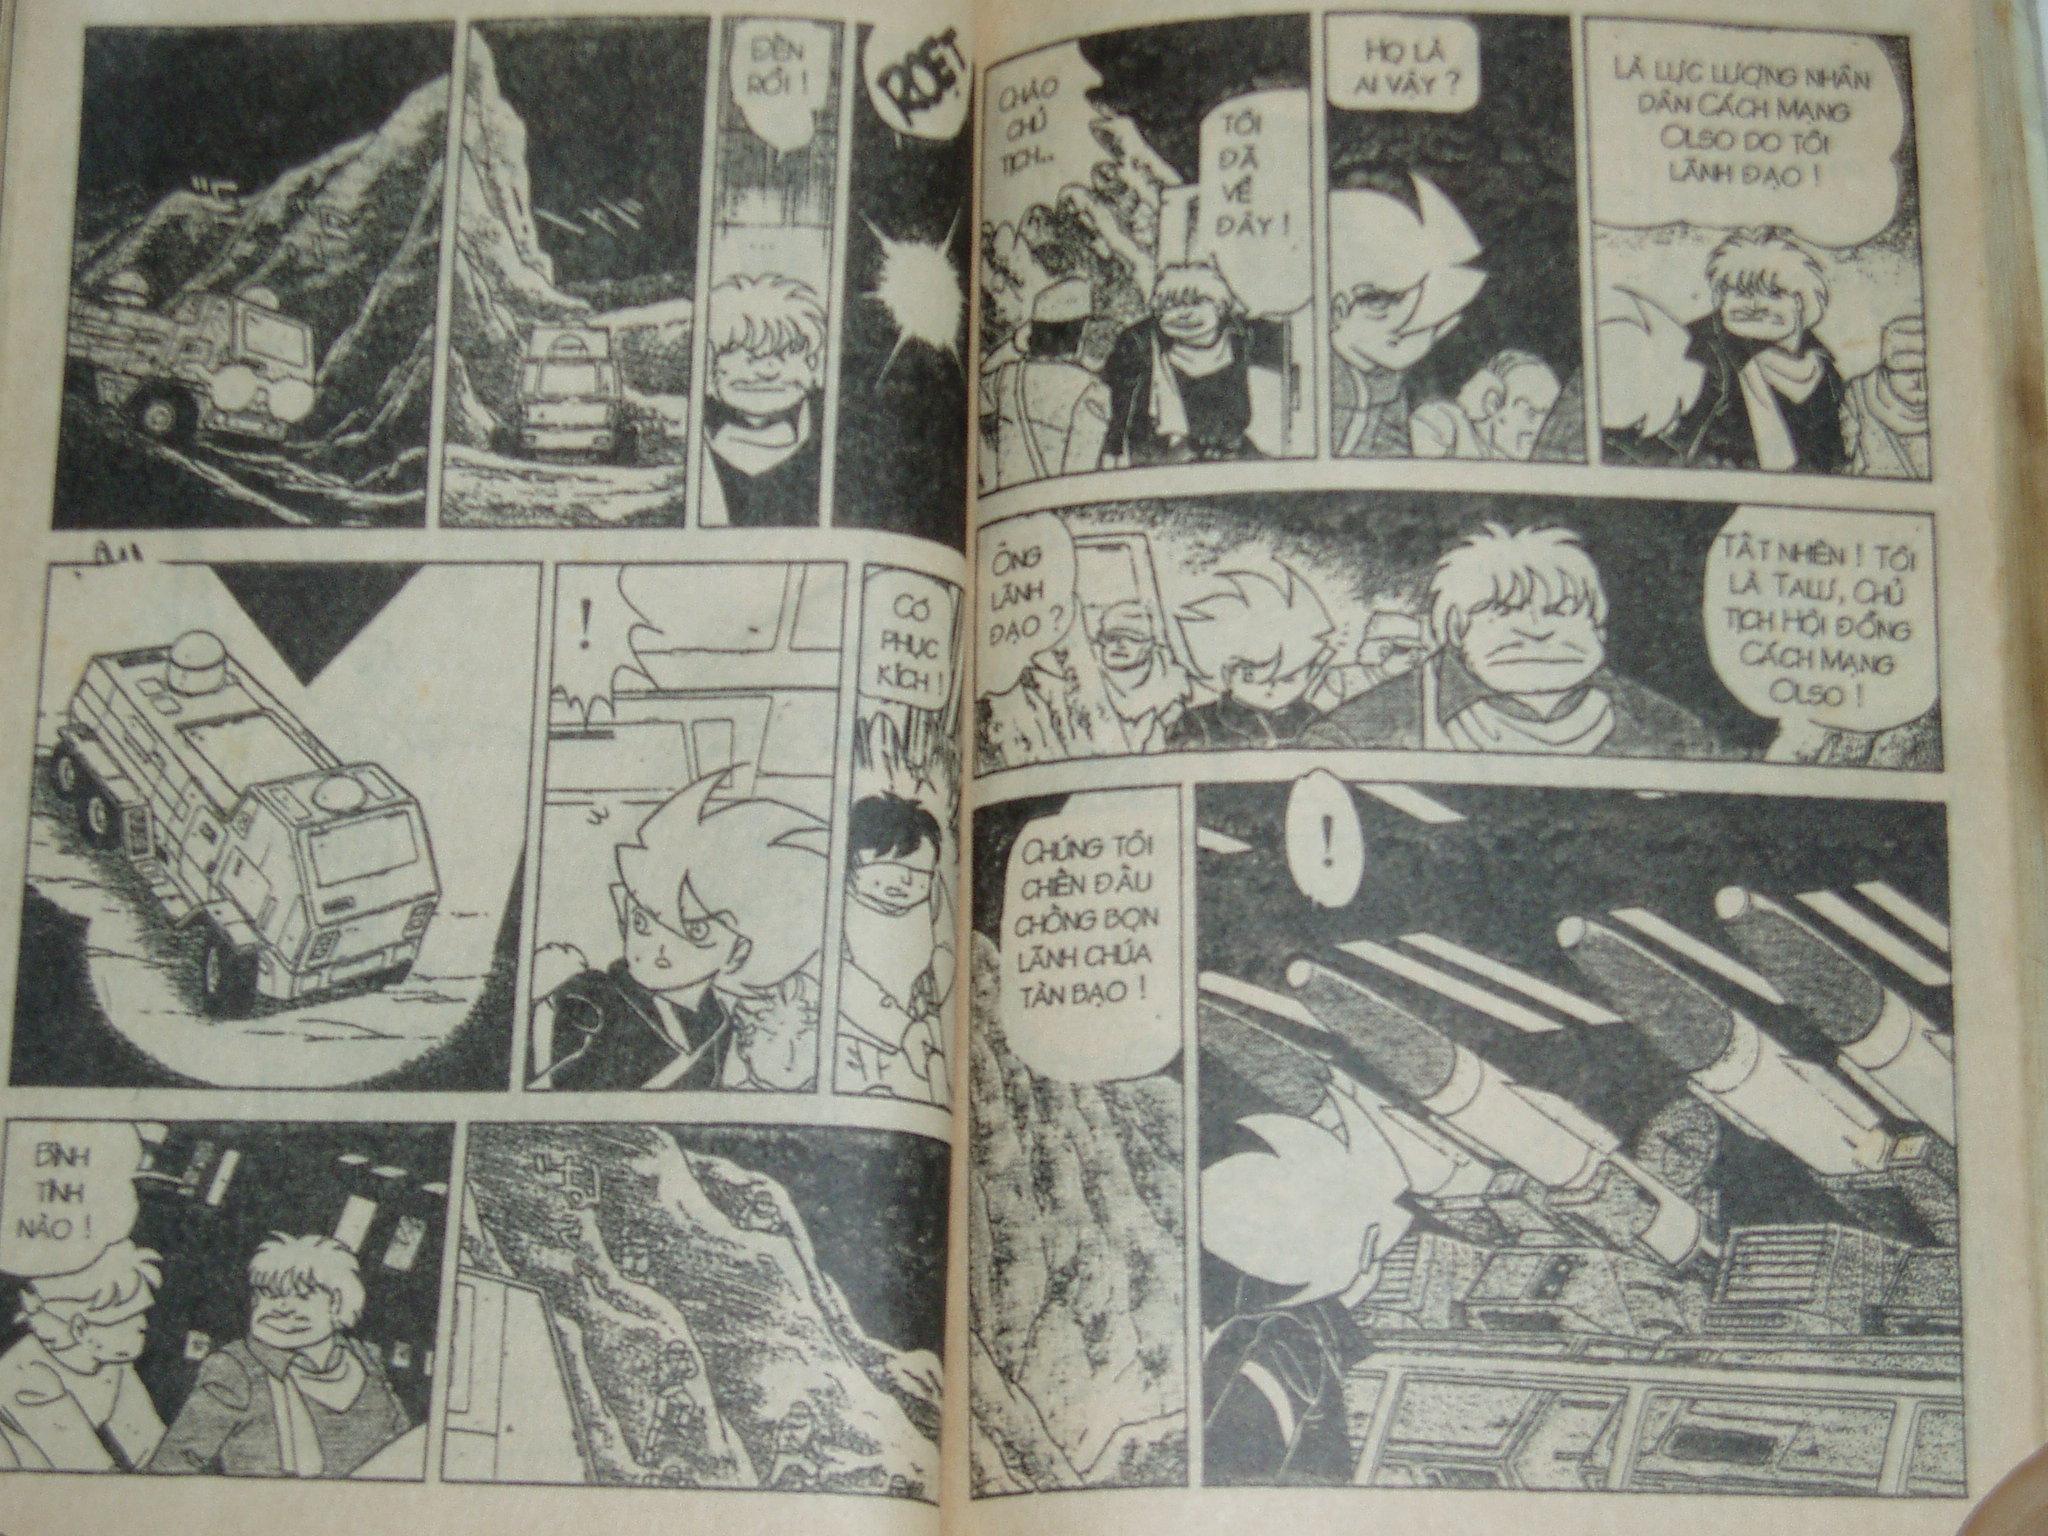 Siêu nhân Locke vol 18 trang 30